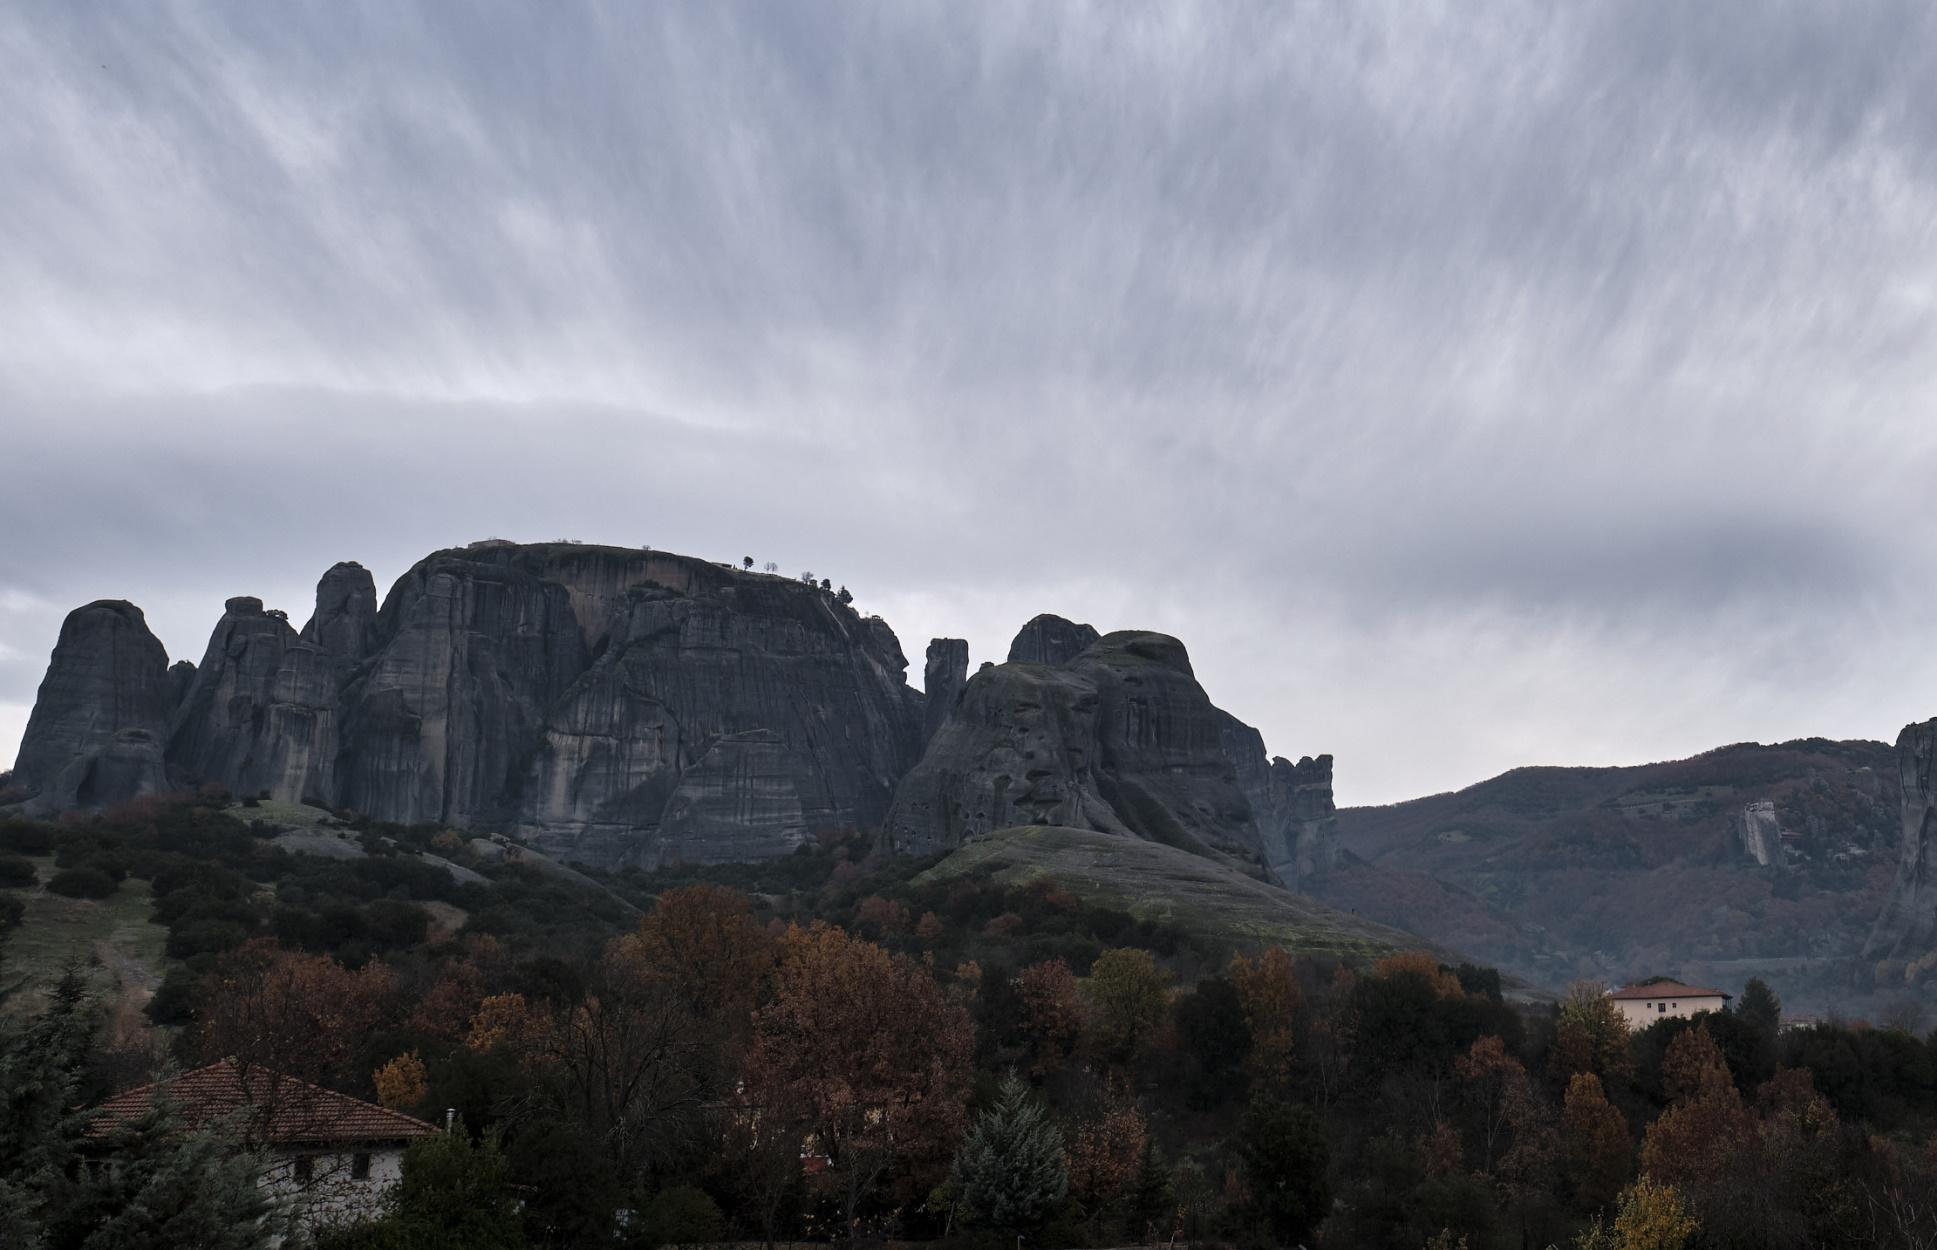 Πέντε φθινοπωρινά τοπία στην Ελλάδα που μοιάζουν με πίνακα ζωγραφικής